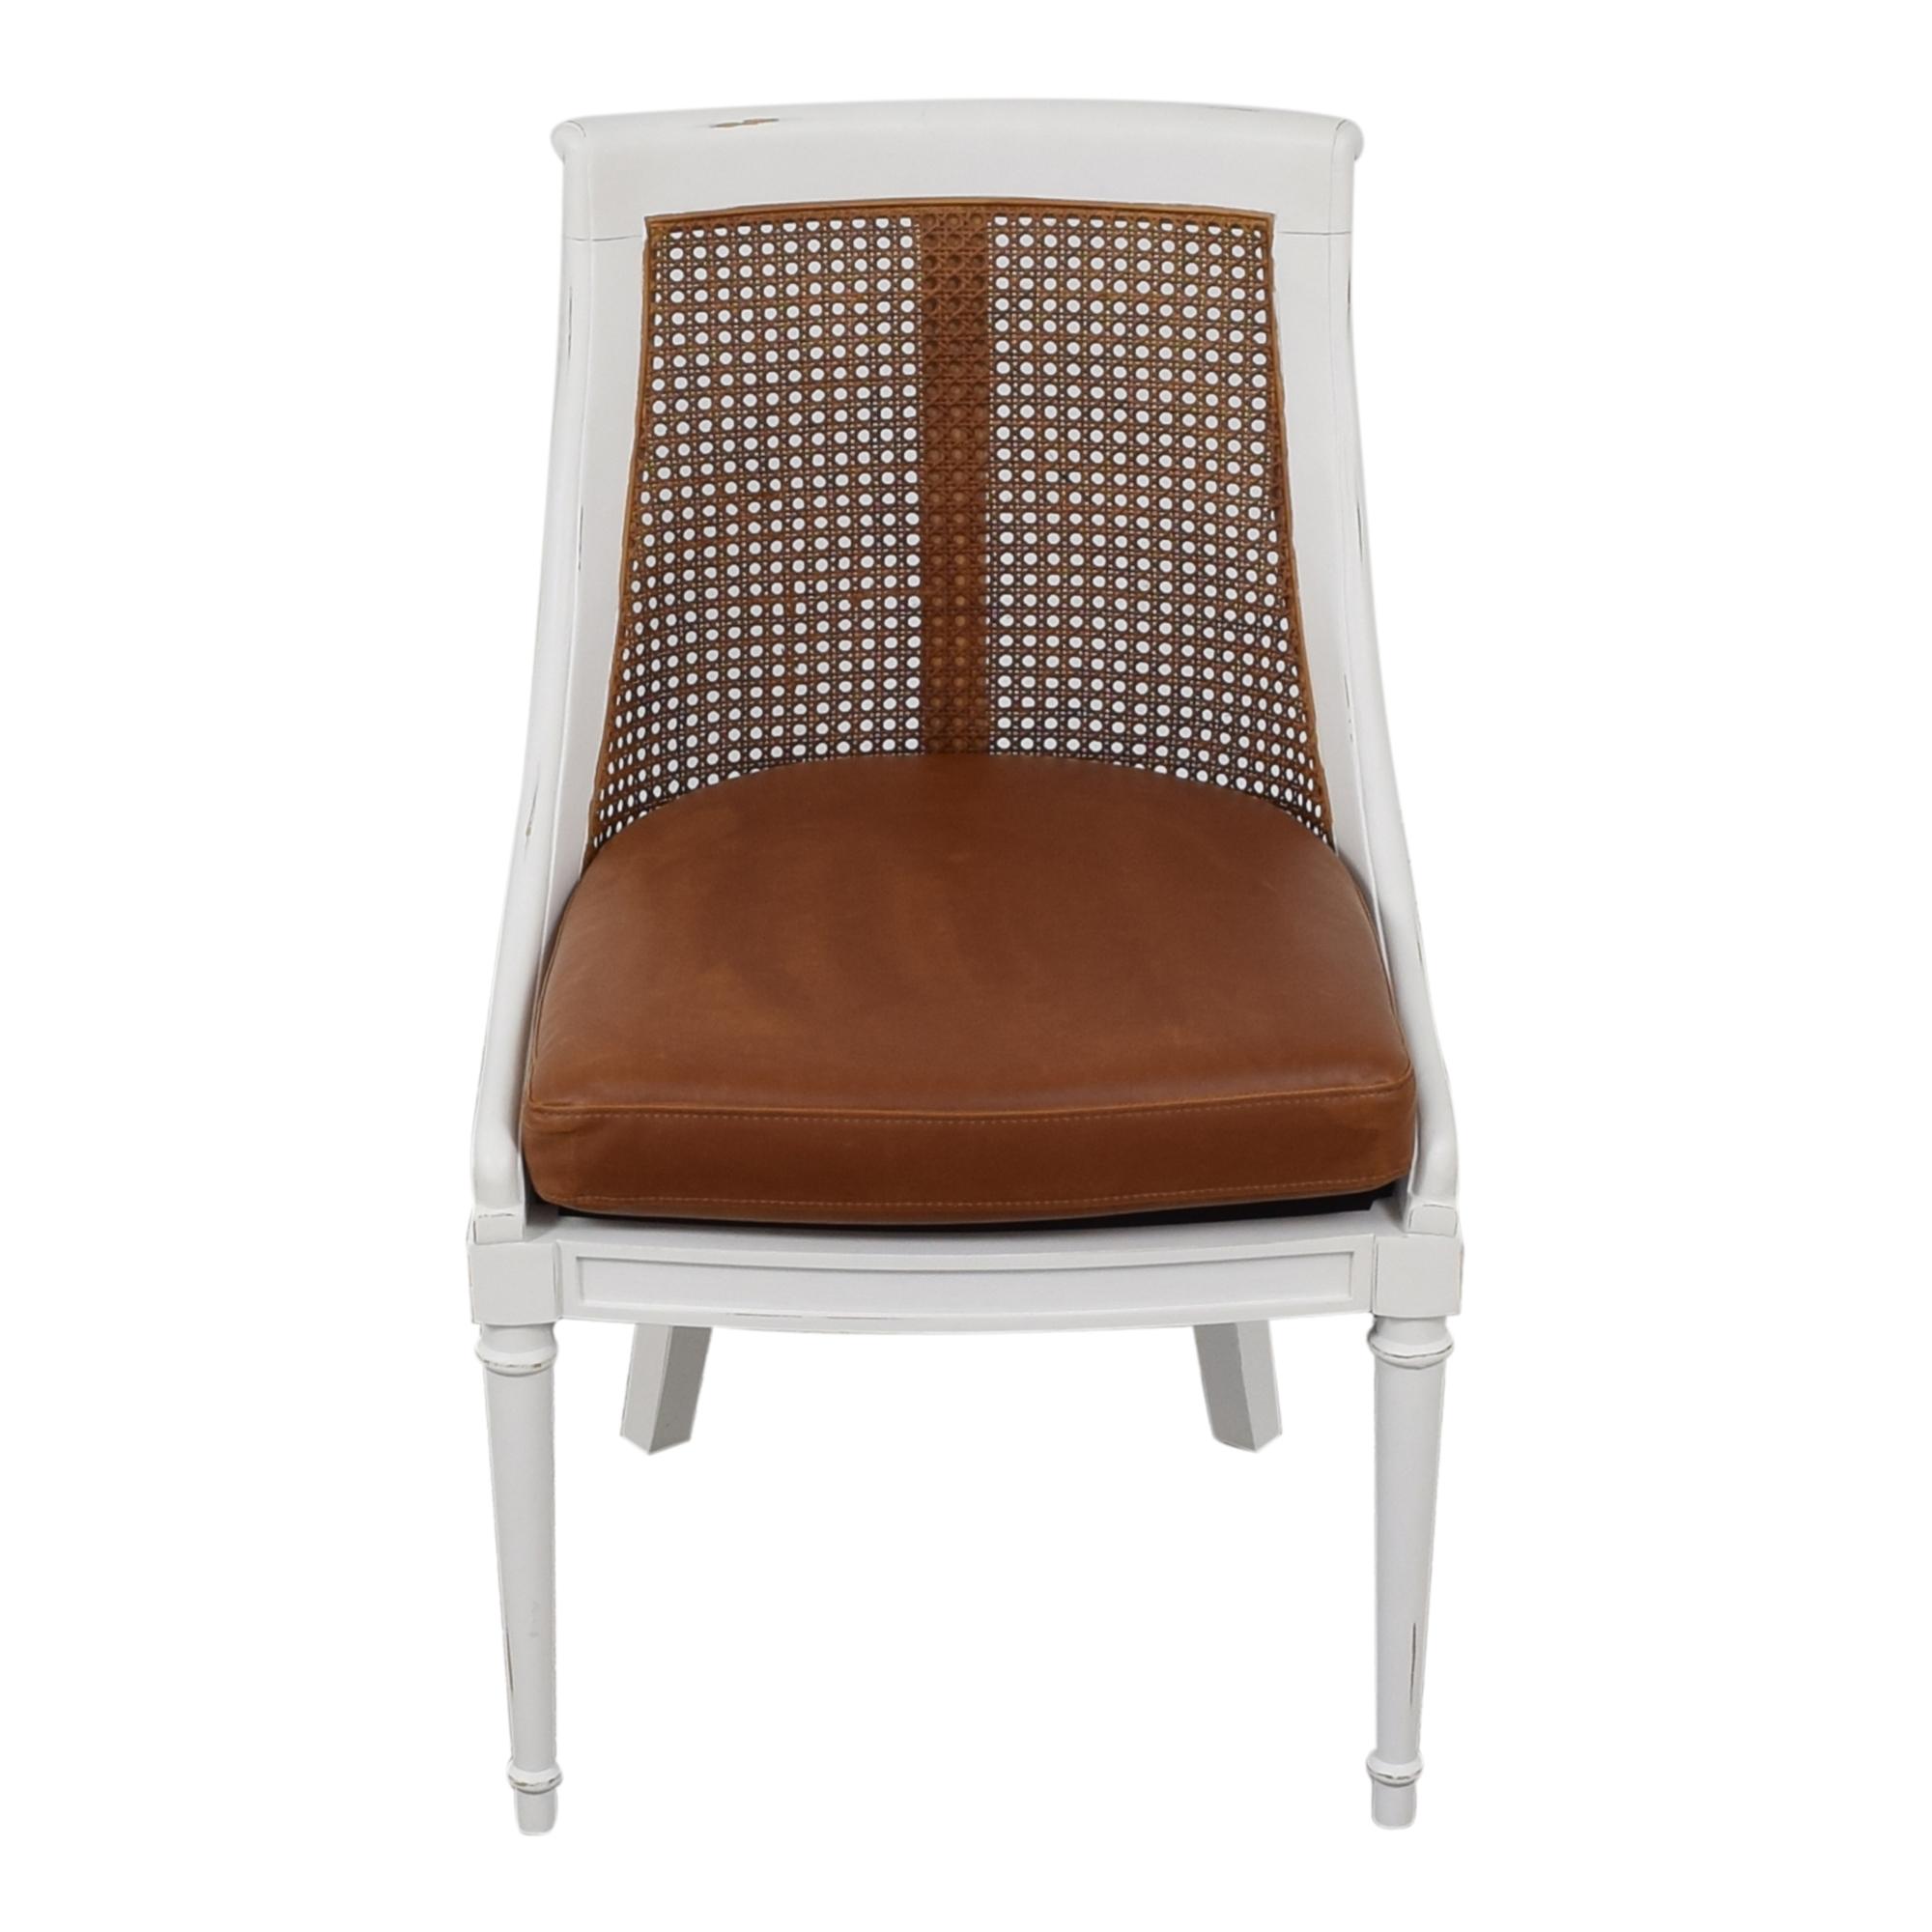 Safavieh Safavieh Saylor Dining Chair used